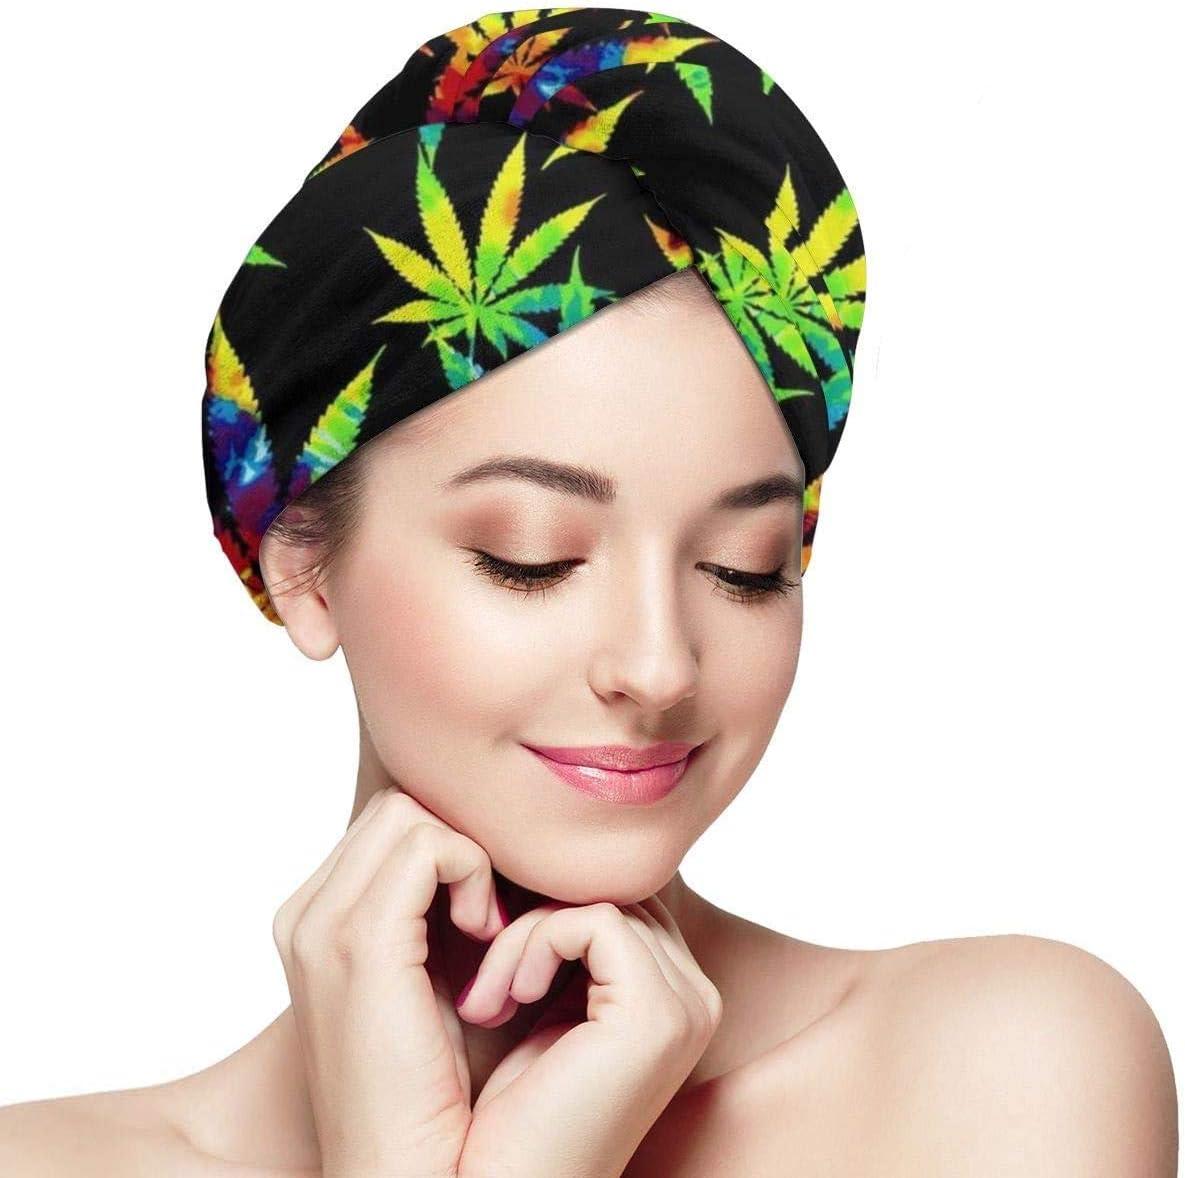 Tie Dye Cannabis Weed Leaves Toalla de Secado de Cabello para Mujeres Ultra Absorbente Secado Rápido Sombrero para el Cabello Turbante Anti Encrespamiento Turbante de Ducha